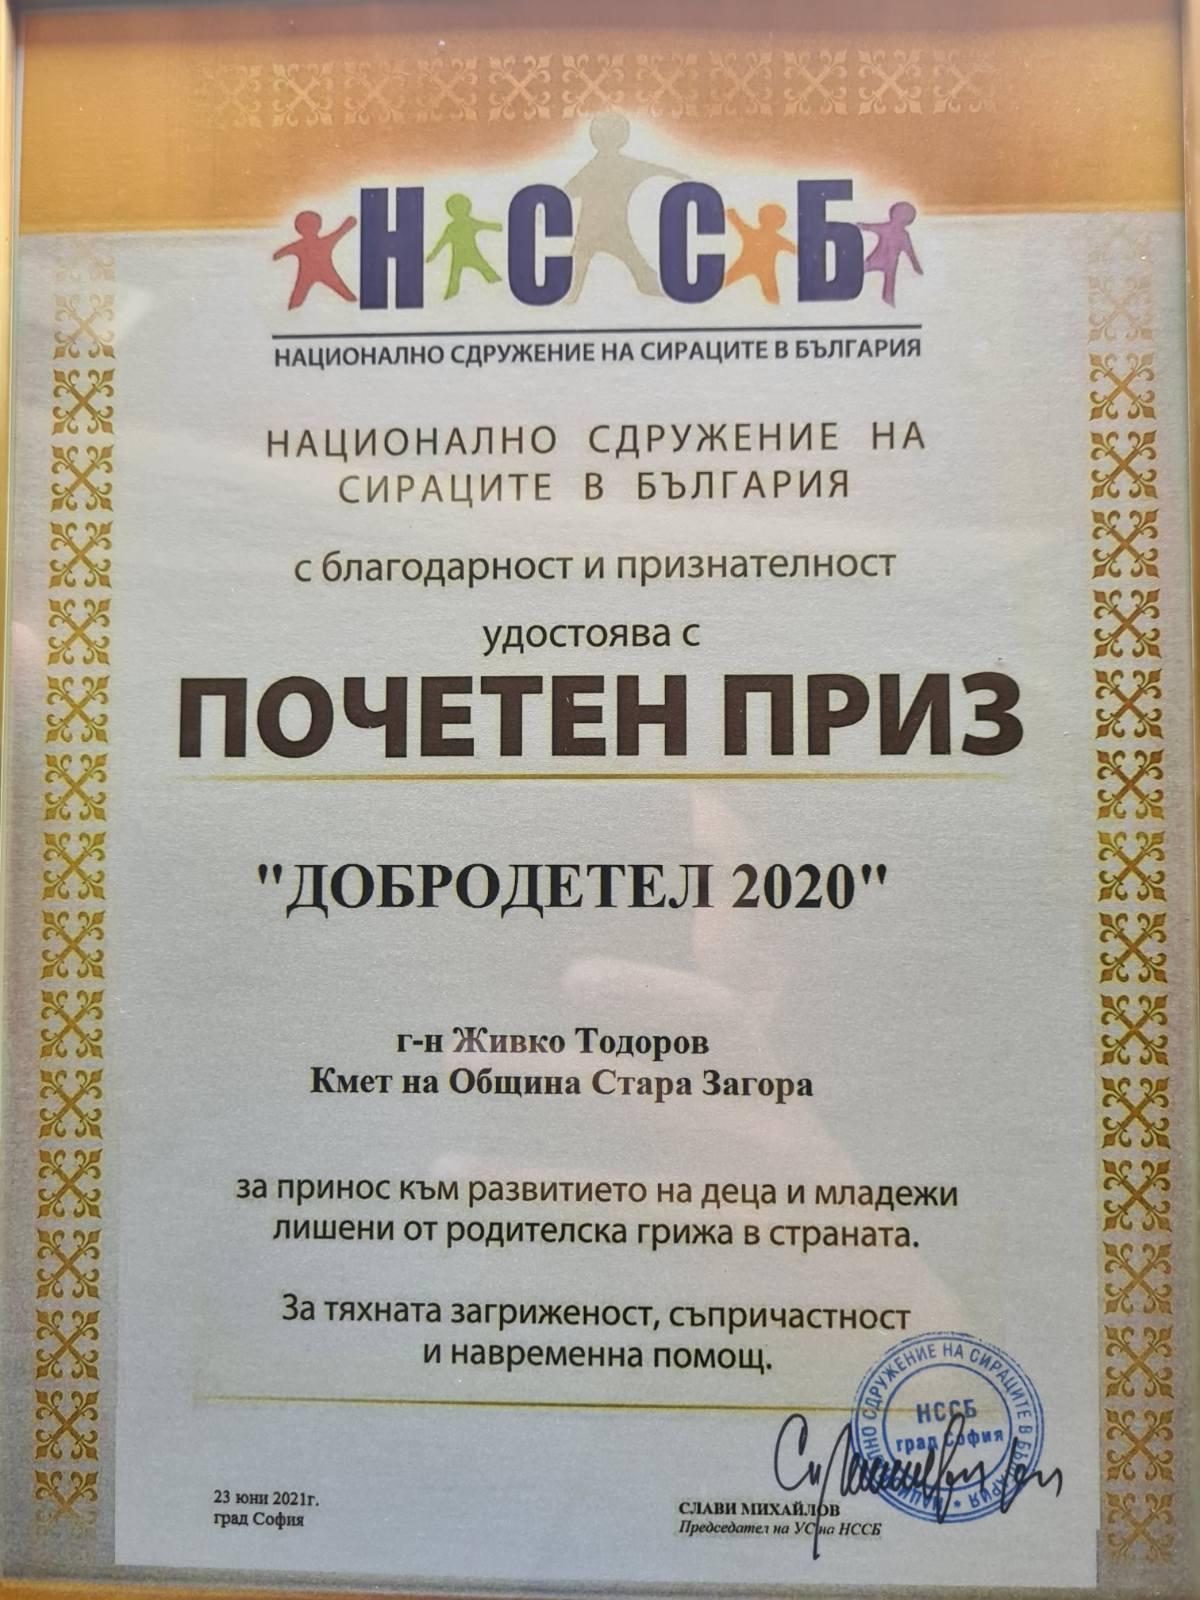 """Отличиха кмета на Стара Загора с почетен приз за """"Добродетел на 2020 г."""""""